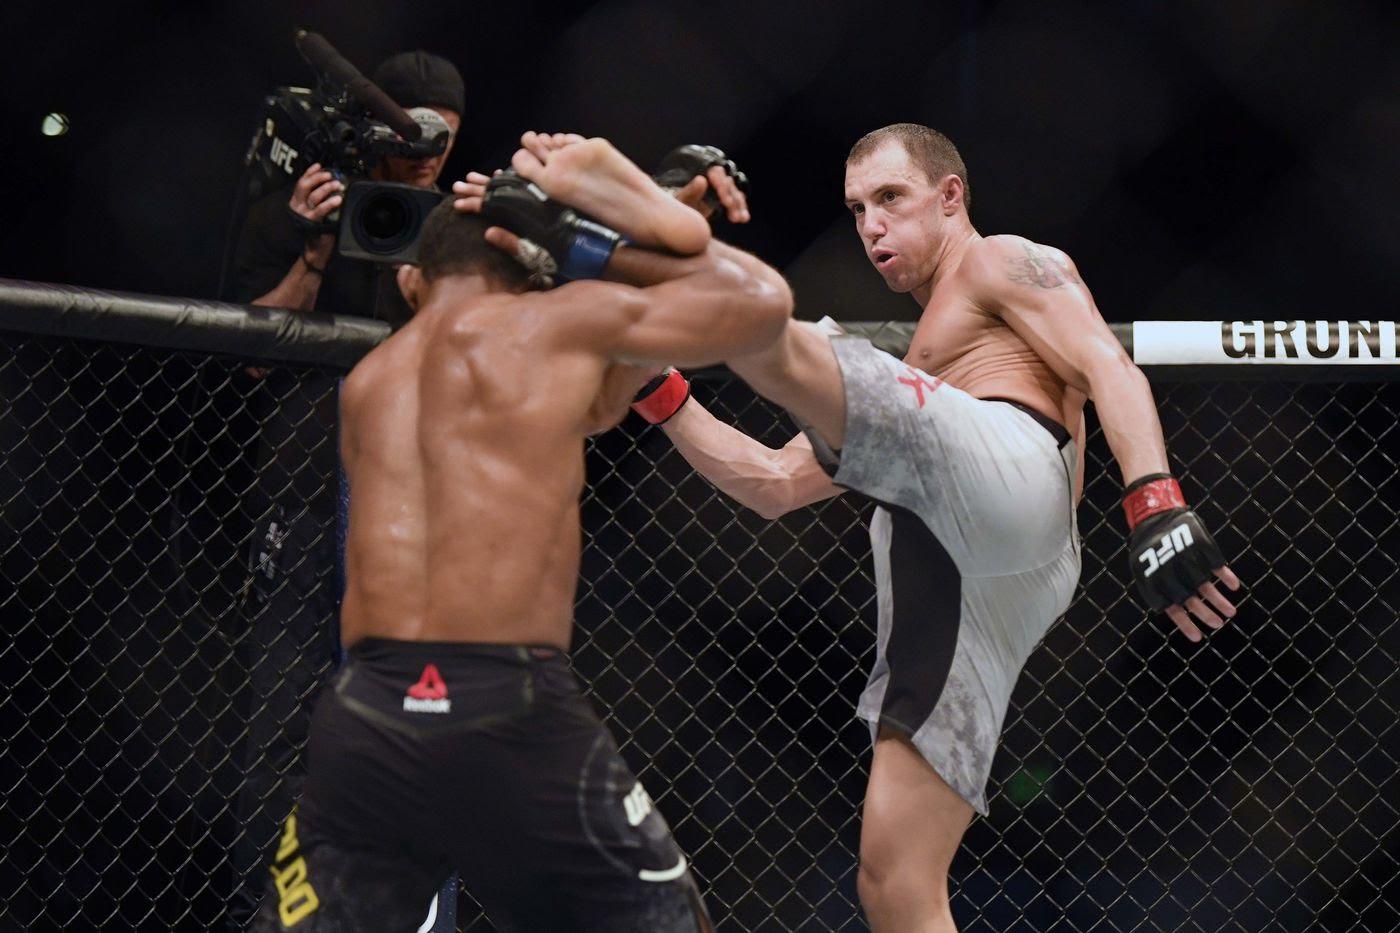 UFC: UFC Lightweight Prospect James Vick calls out former Title contender Kevin Lee after big win - James Vick calls out Kevin Lee